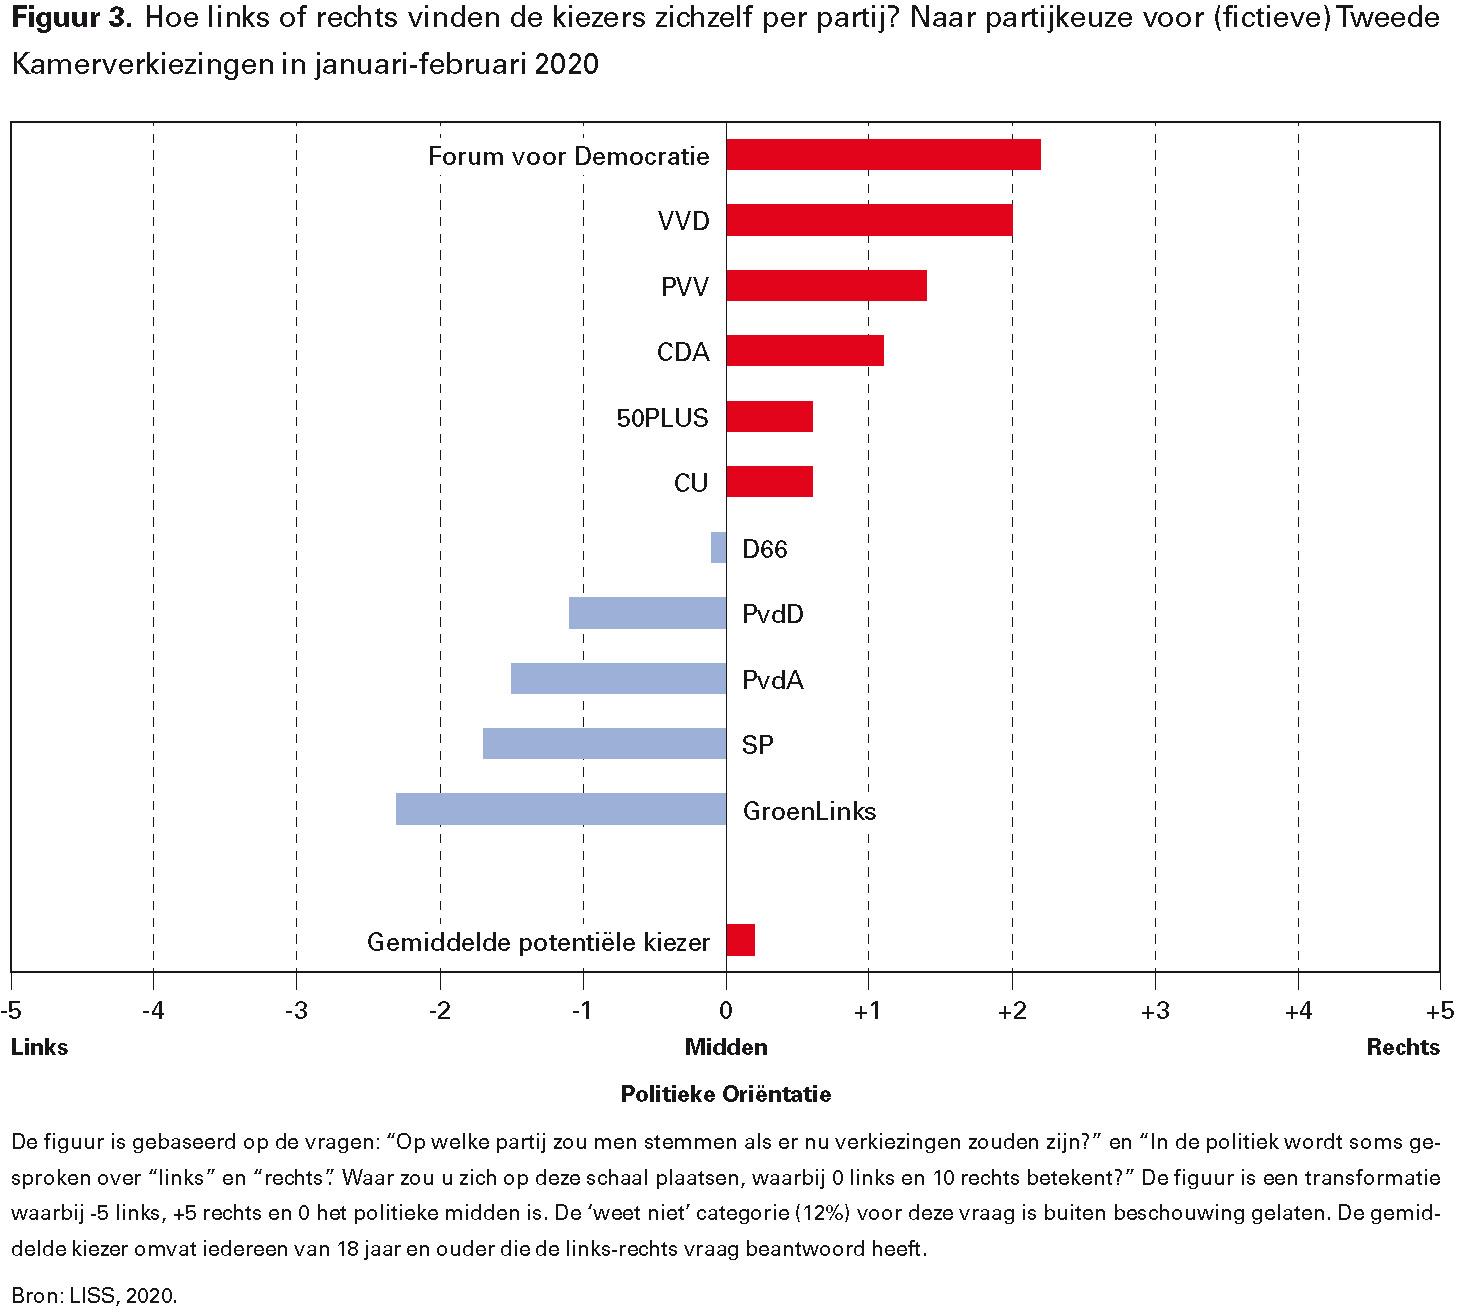 Figuur 3. Hoe links of rechts vinden de kiezers zichzelf per partij? Naar partijkeuze voor (fictieve) Tweede Kamerverkiezingen in januari-februari 2020